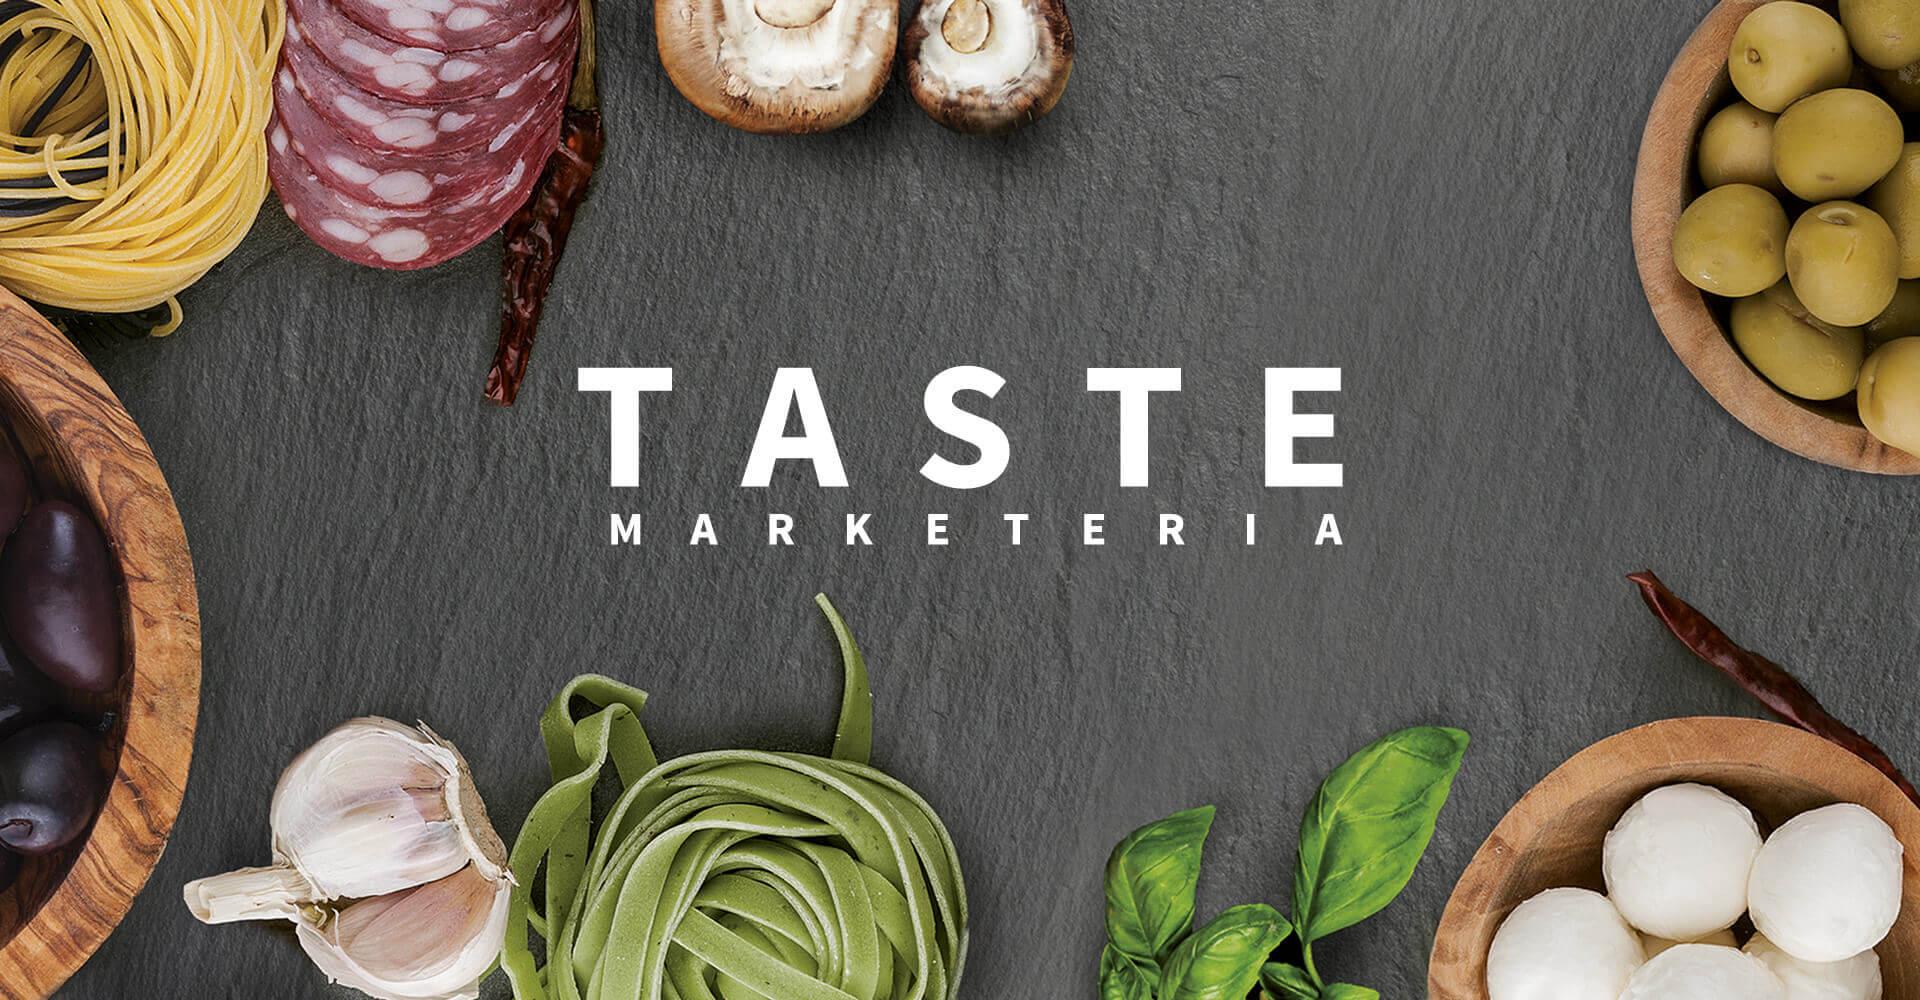 Taste Marketeria